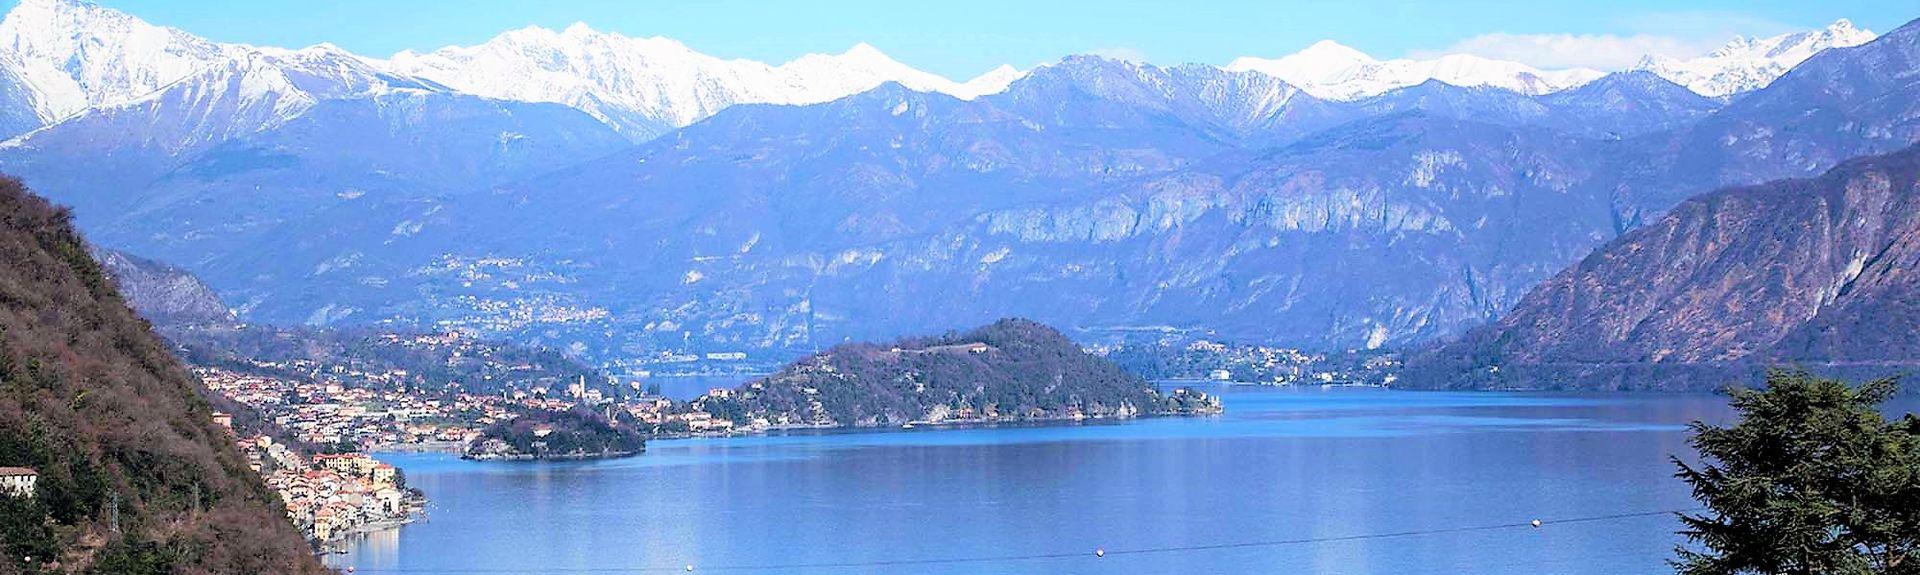 Plesio, Lombardie, Italie